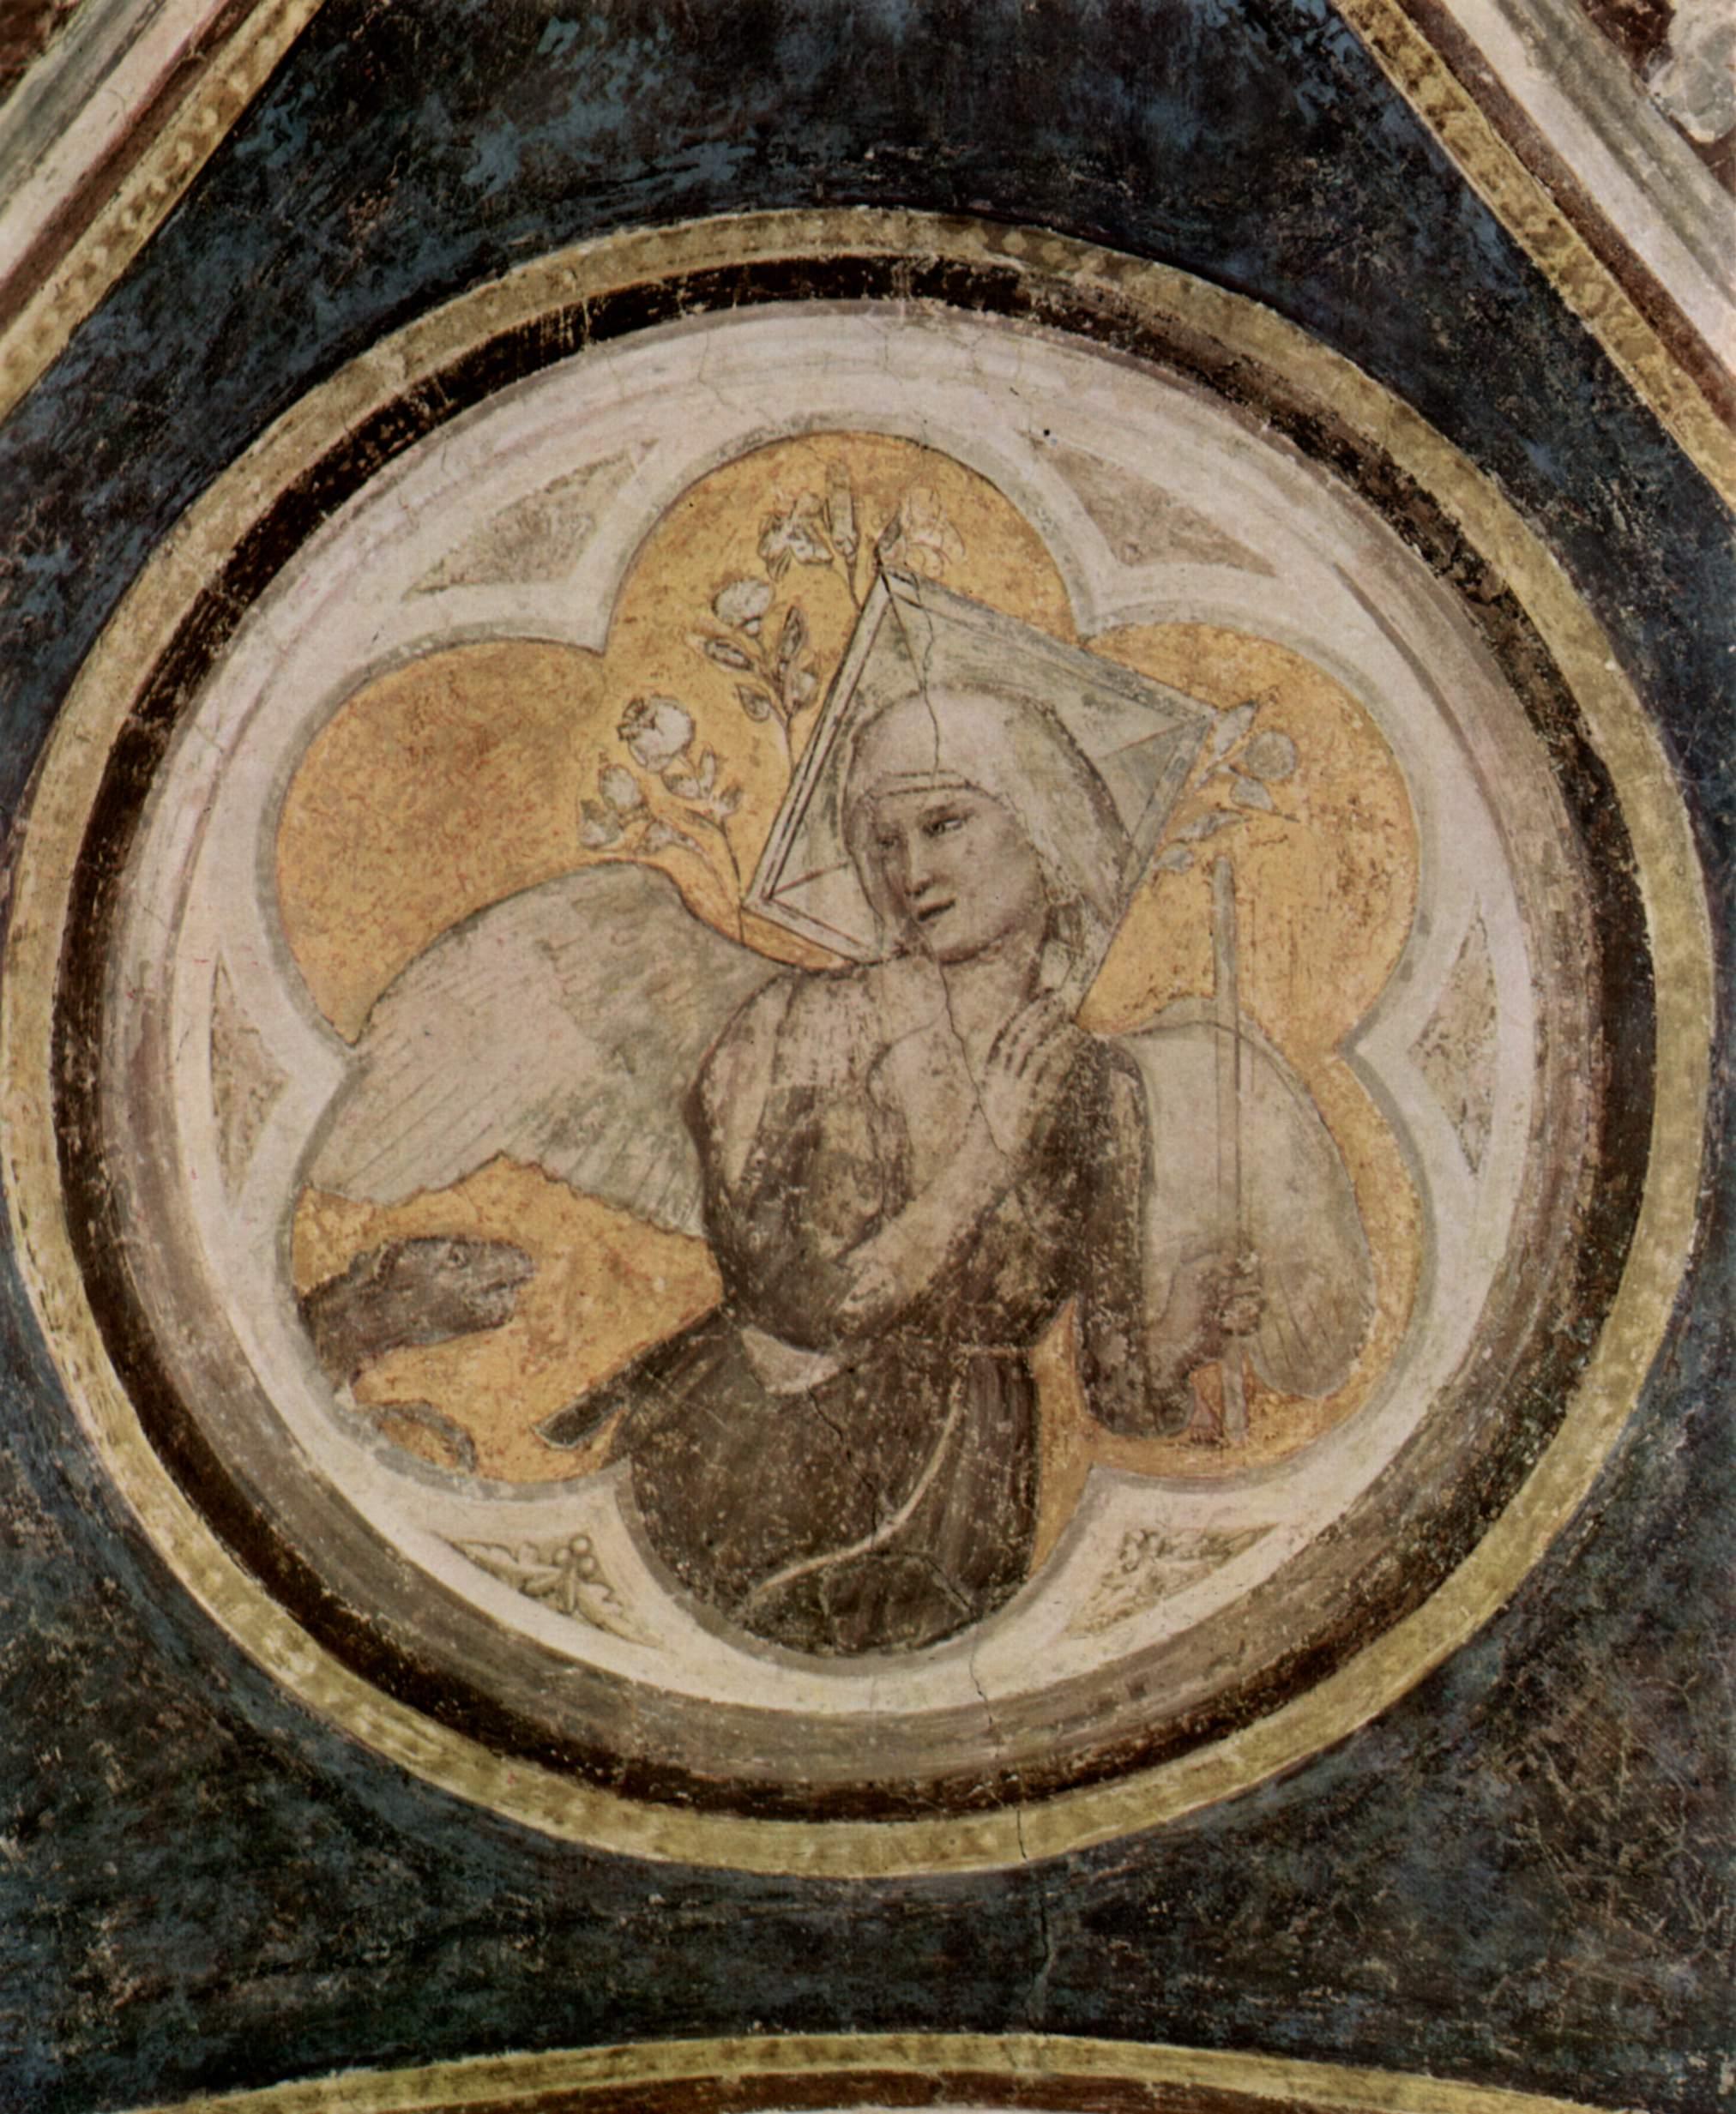 Цикл фресок из жизни св. Франциска, капелла Барди [01]. Санта Кроче во Флоренции. Аллегория Целомудр, Джотто ди Бондоне